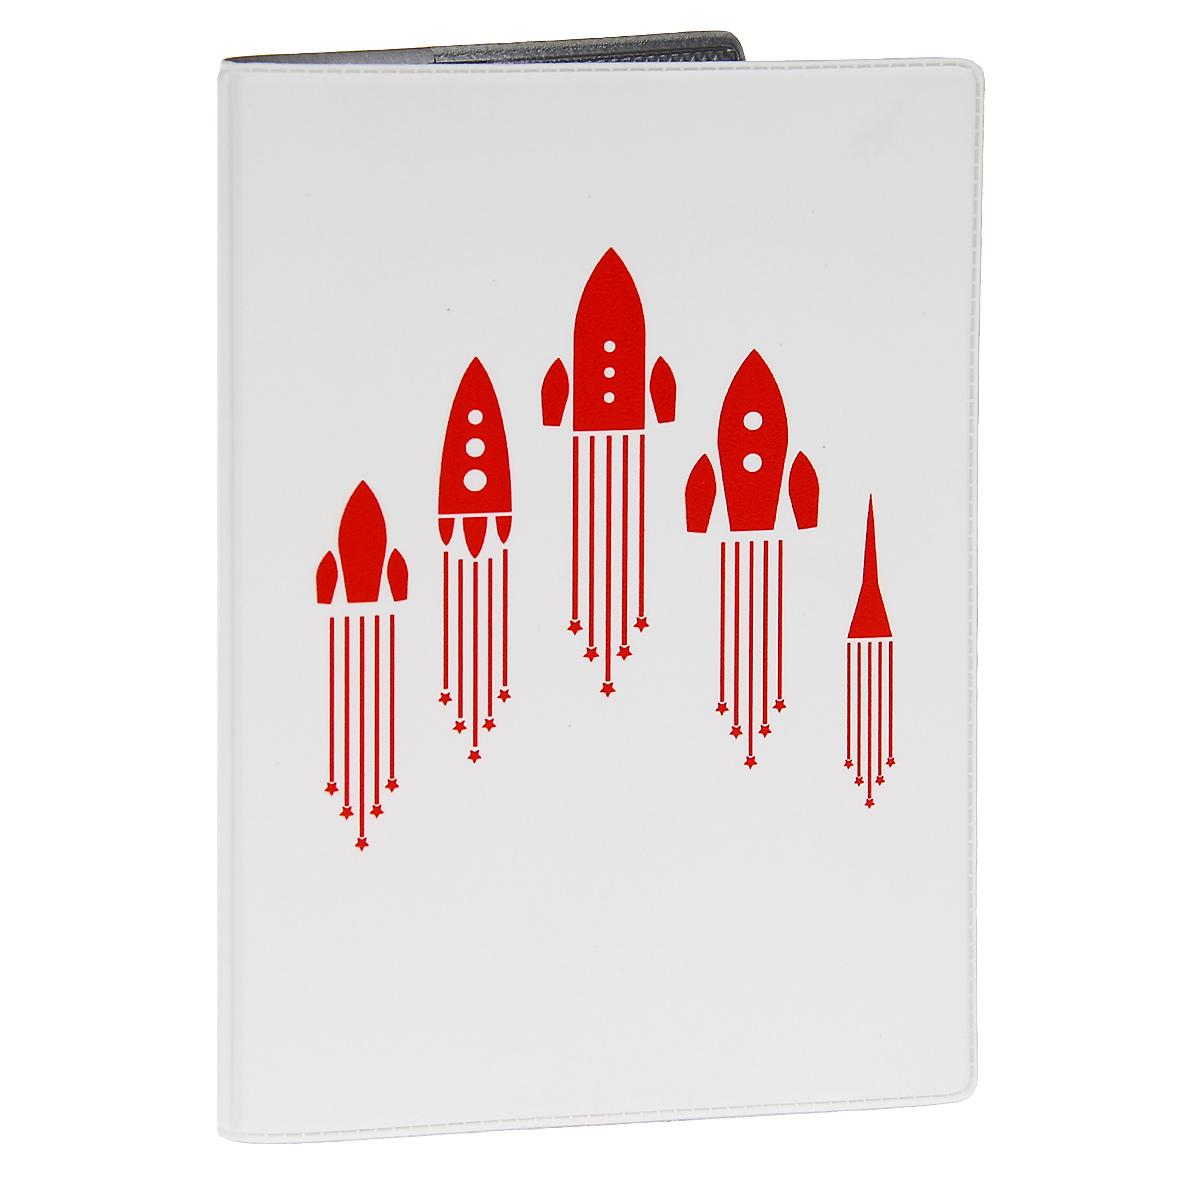 Обложка для автодокументов Ракеты. AUTOZAM285TF 3310-092АОбложка для автодокументов Mitya Veselkov Ракеты изготовлена из прочного ПВХ белого цвета и оформлена изображениями силуэтов пяти взлетающих красных ракет. На внутреннем развороте имеются съемный блок из шести прозрачных файлов из мягкого пластика для водительских документов, один из которых формата А5, а также два боковых кармашка для визиток или банковских карт.Стильная обложка не только поможет сохранить внешний вид ваших документов и защитит их от грязи и пыли, но и станет аксессуаром, который подчеркнет вашу яркую индивидуальность.